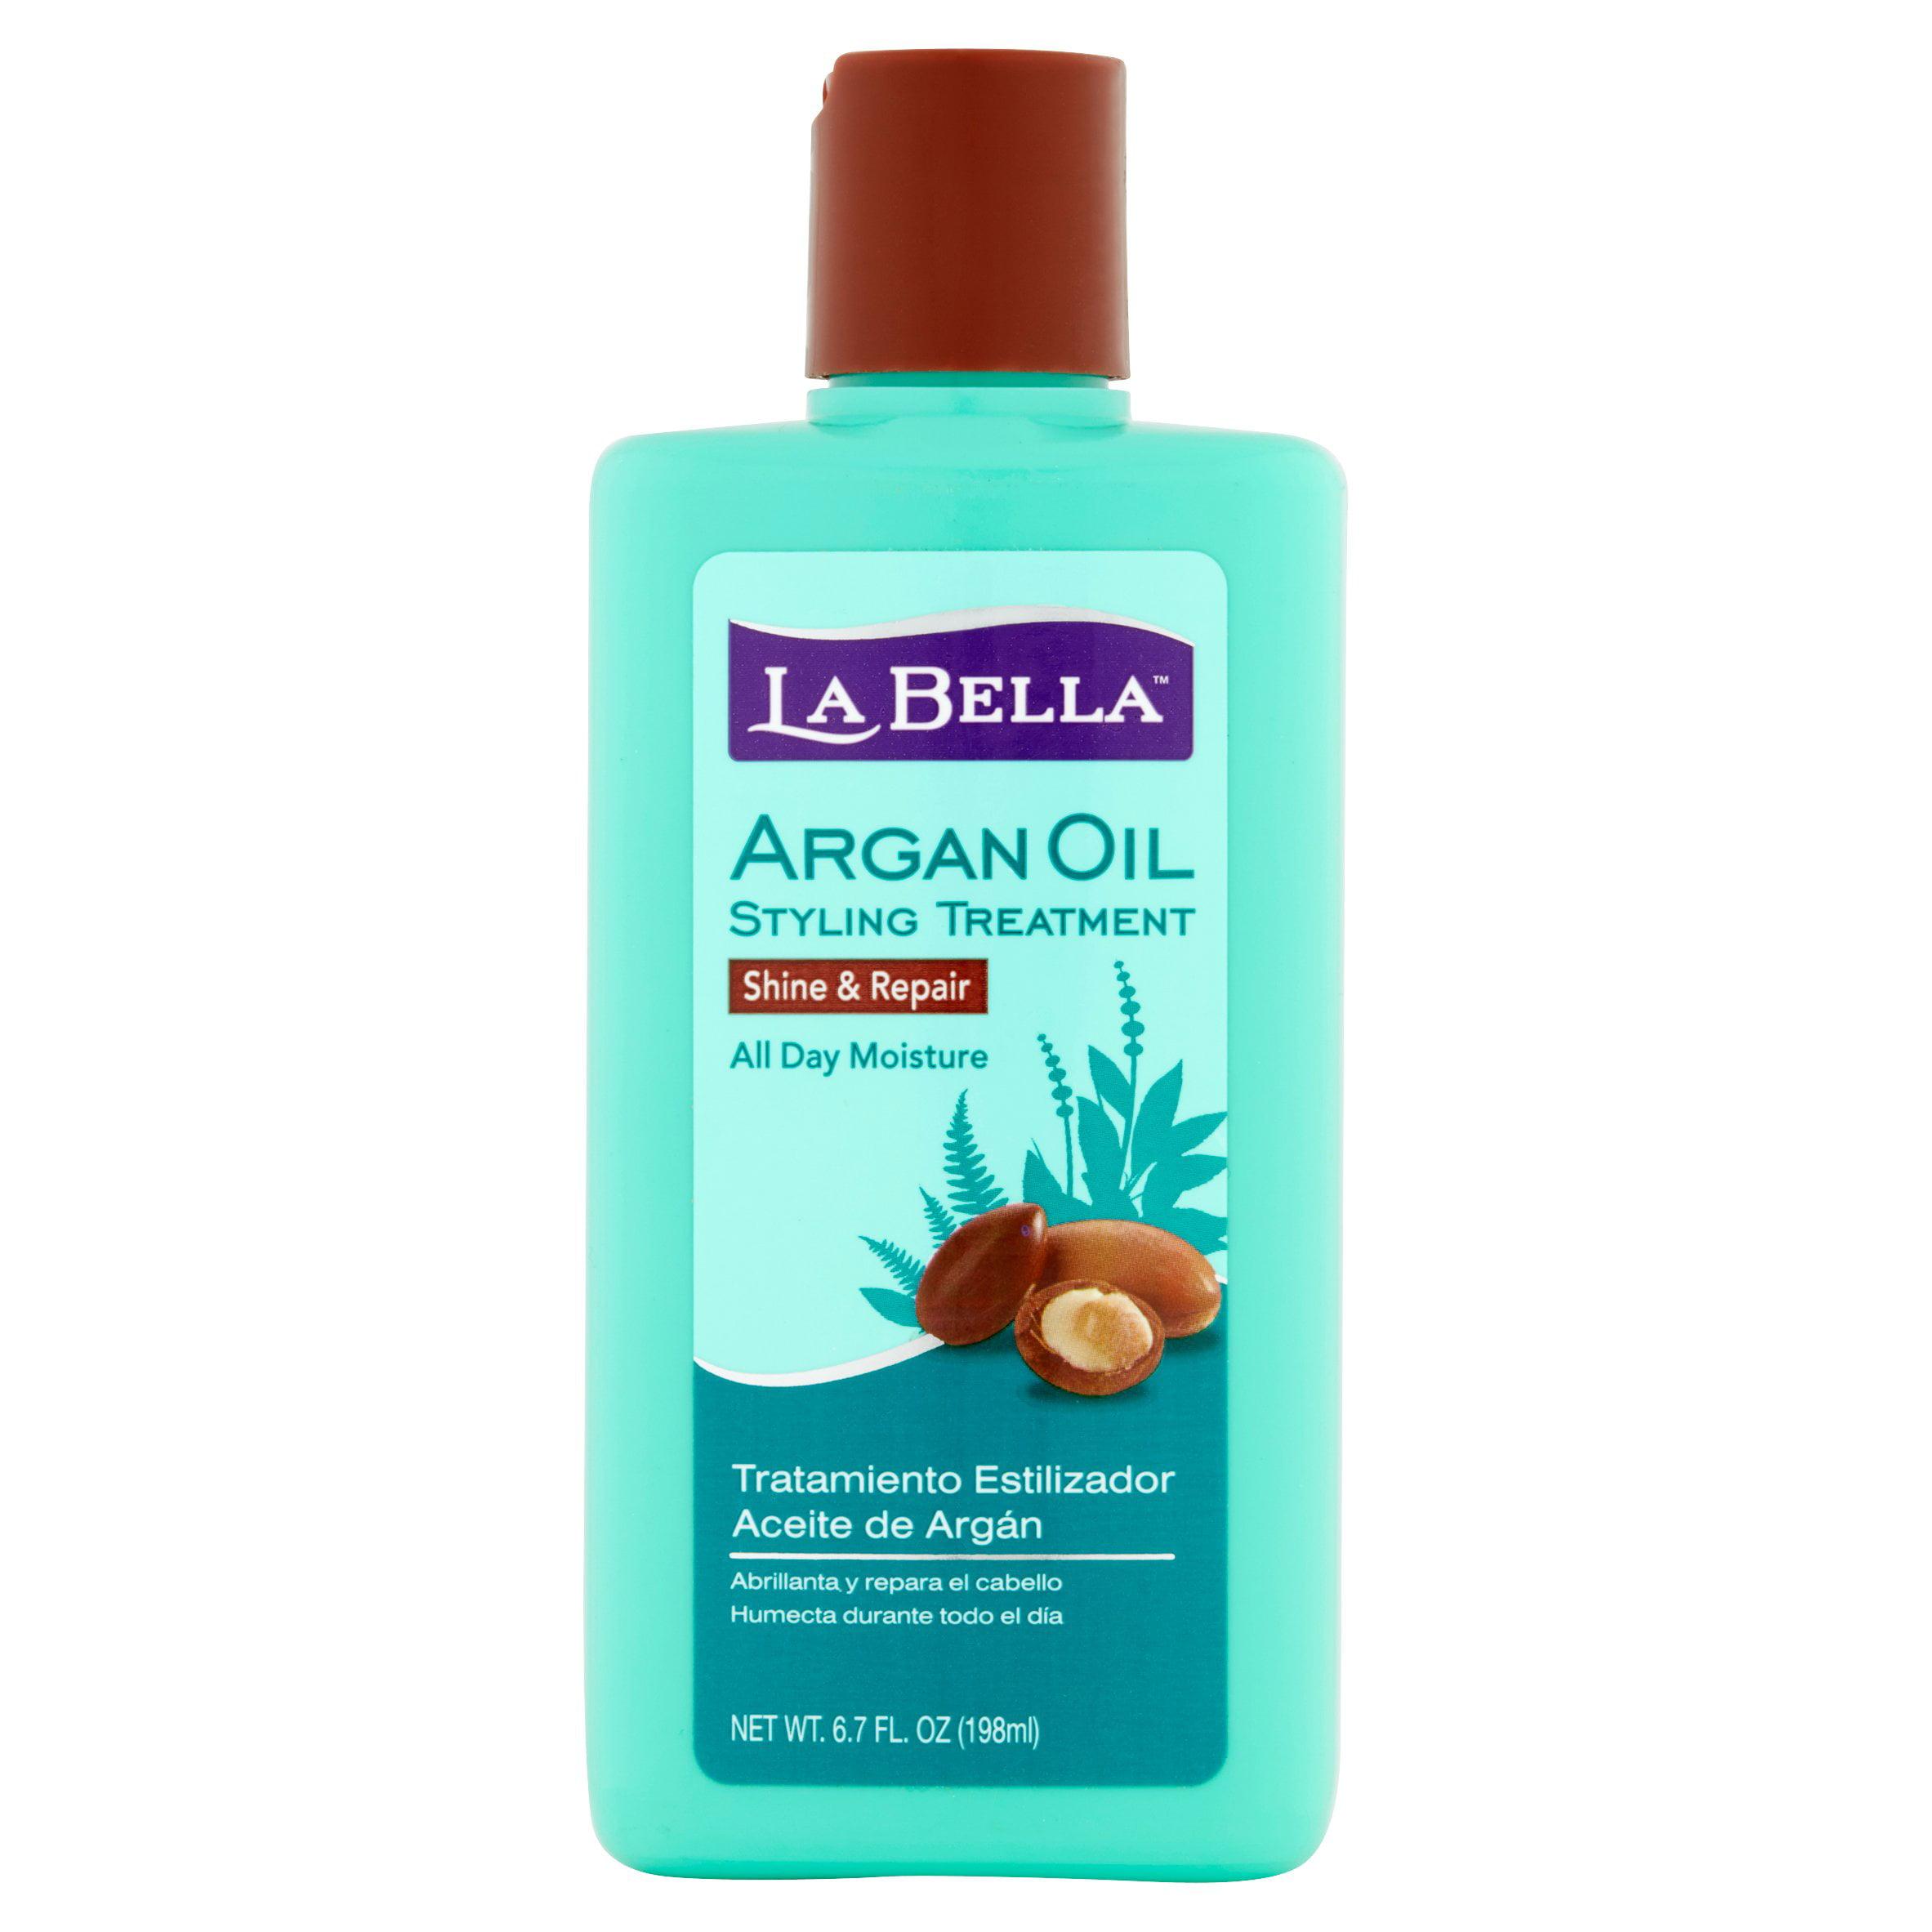 La Bella Argan Oil Styling Treatment, 6.7 fl oz